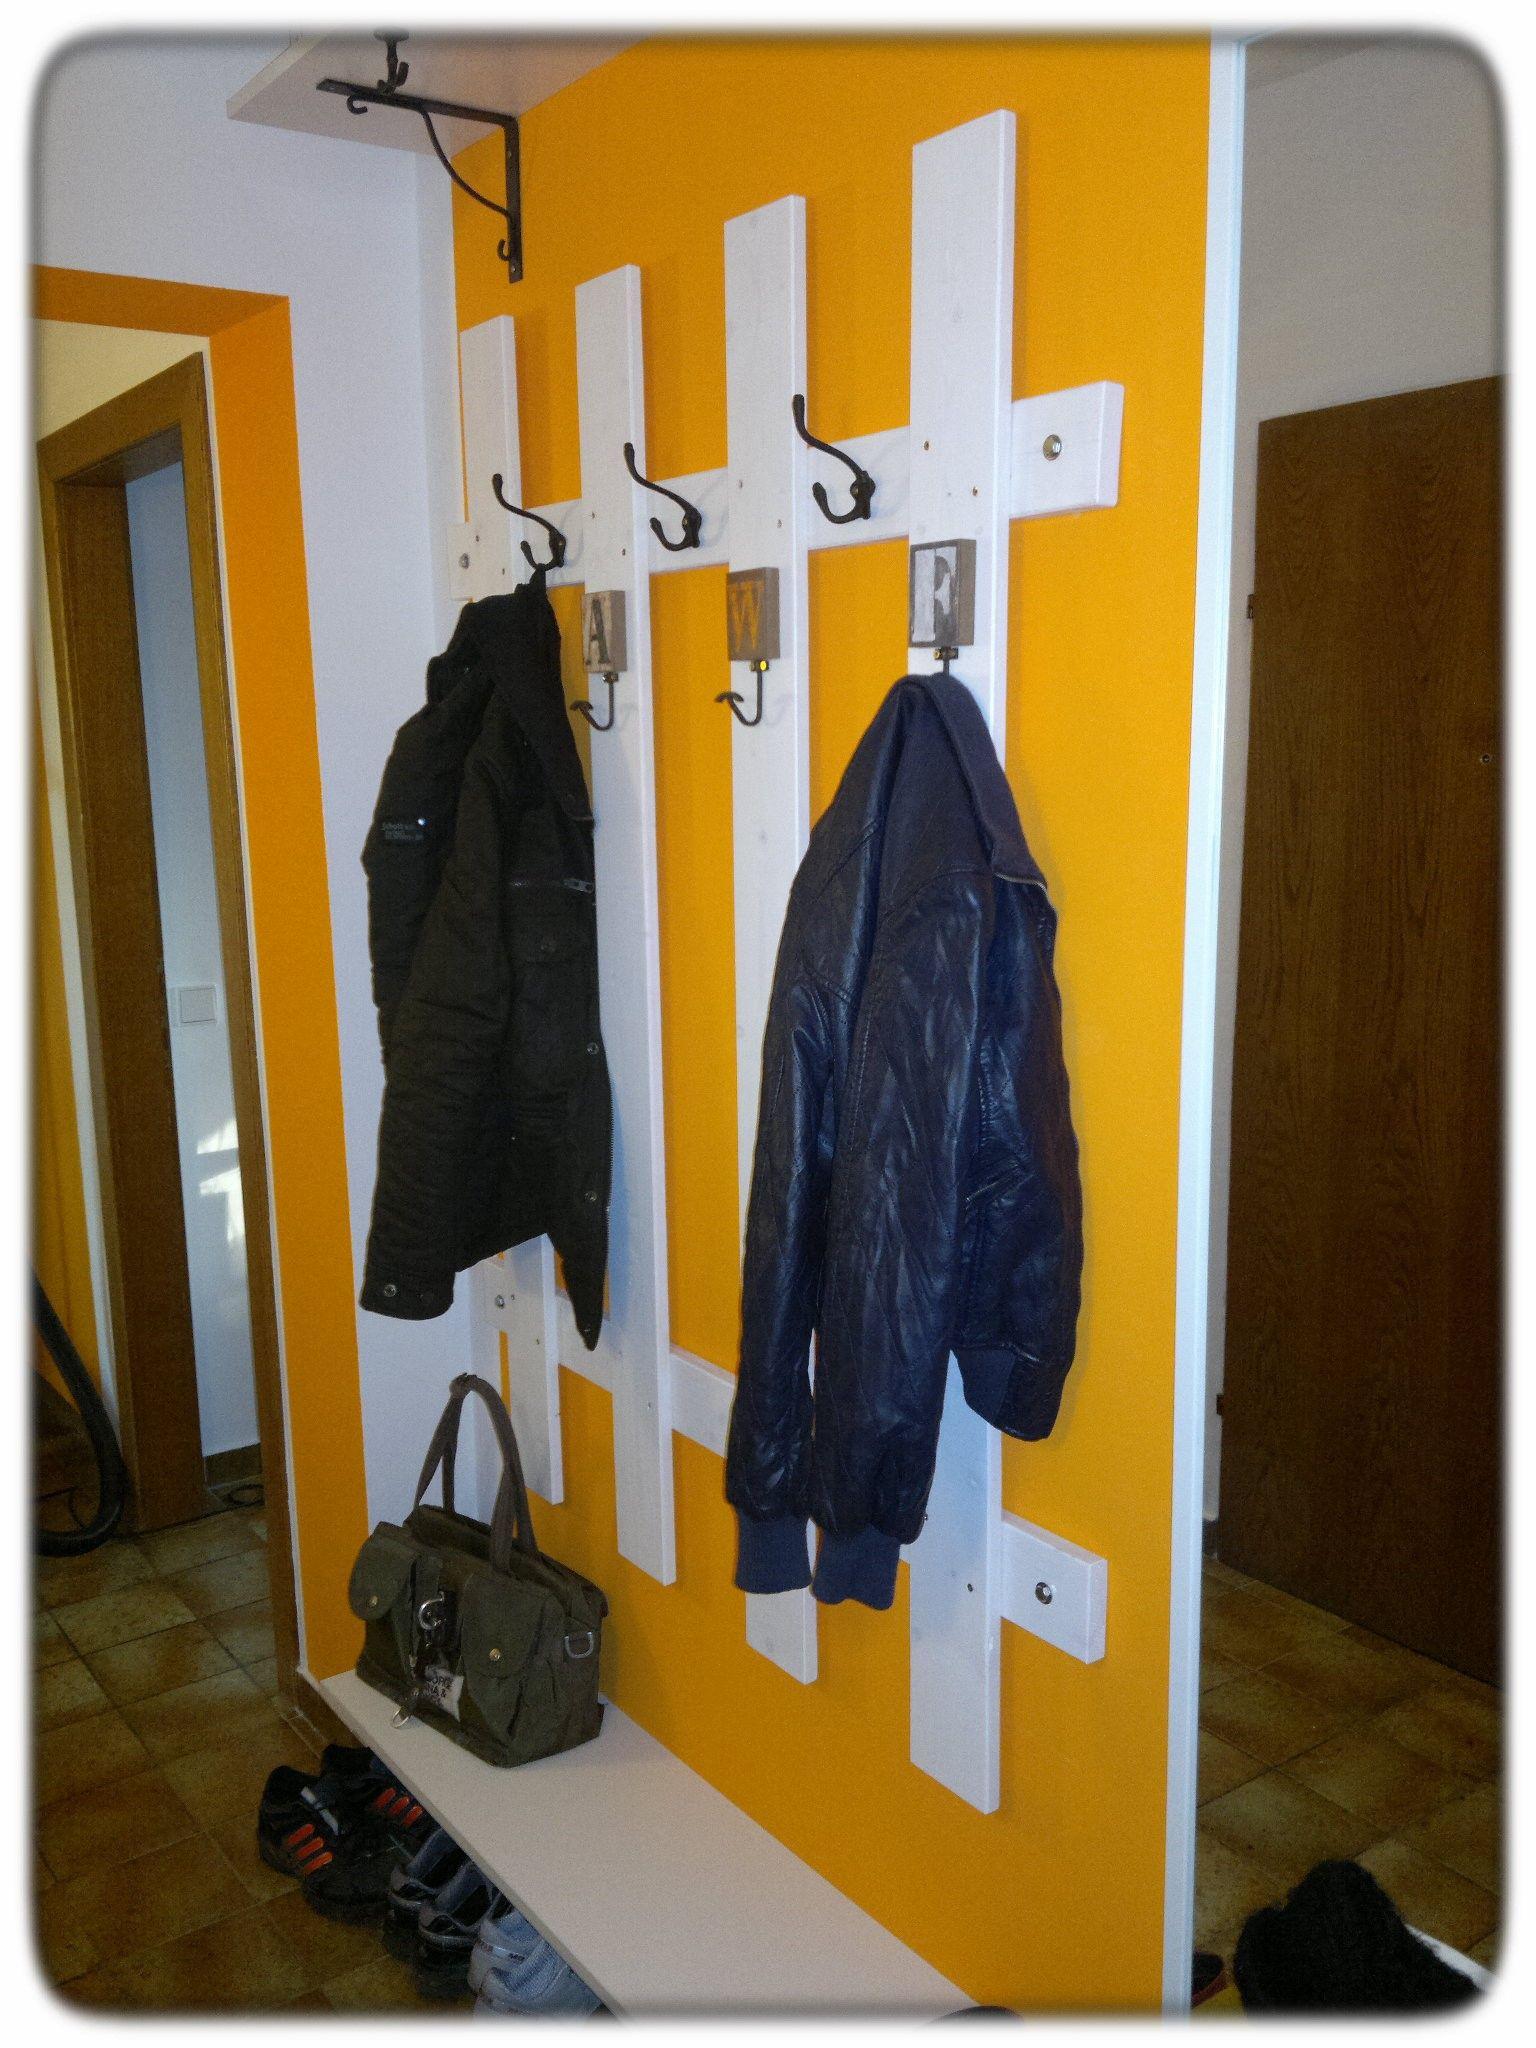 Zuerst selbst ausmalen und dann die Garderobe selbst gestalten ...